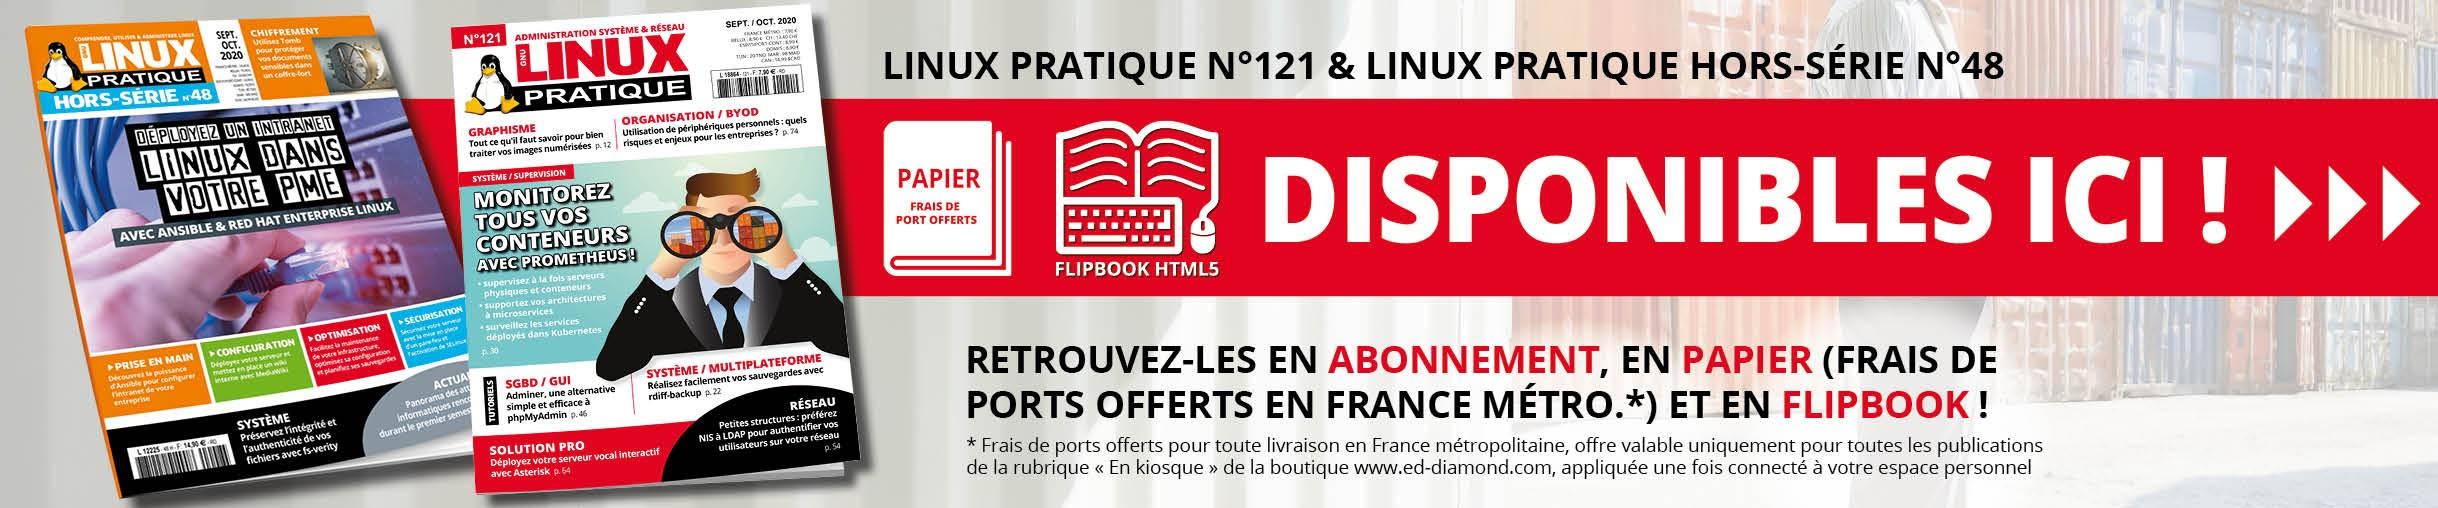 Linux Pratique n°121 et son Hors-Série n°48